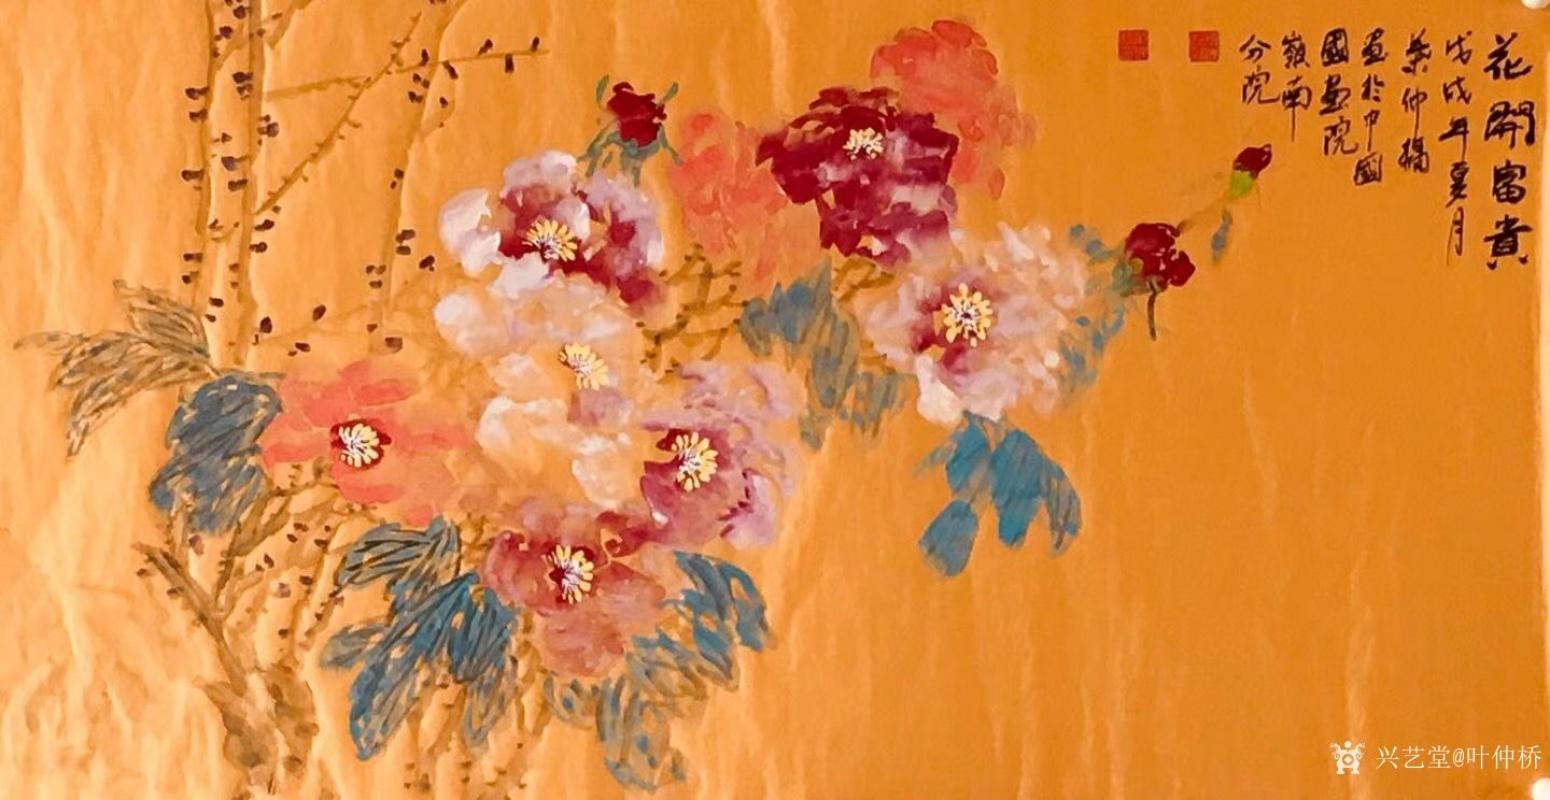 叶仲桥国画作品《花开富贵》